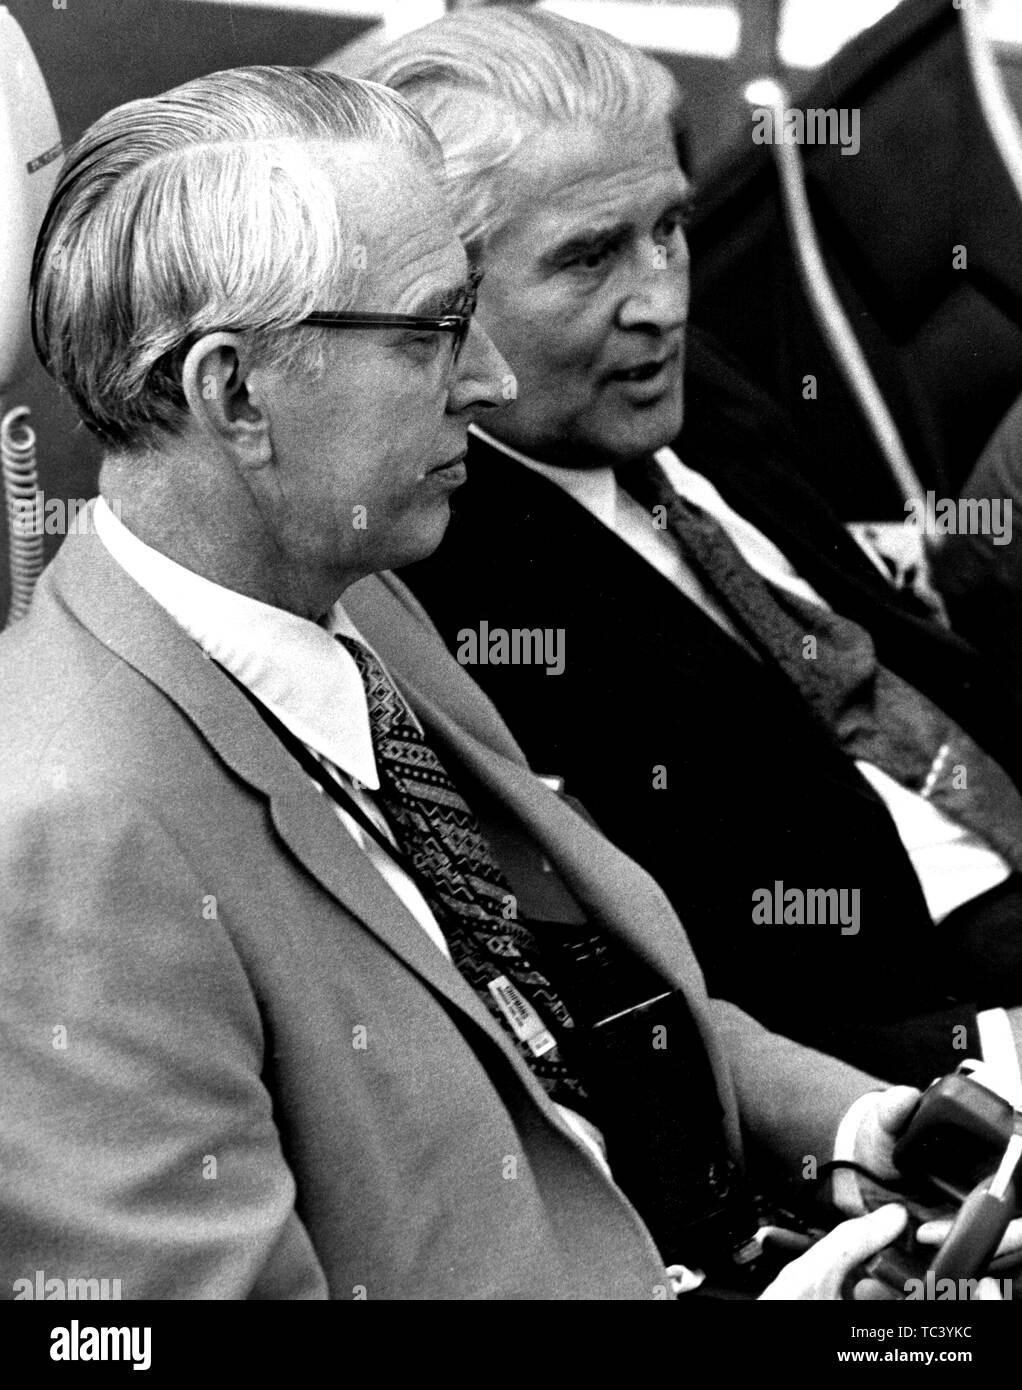 Dr. James C Fletcher und Dr. Wernher von Braun monitor Apollo 15 prelaunch Aktivitäten in Zimmer 1 des Launch Control Center und dem Kennedy Space Center, Florida, 1971. Mit freundlicher Genehmigung der Nationalen Luft- und Raumfahrtbehörde (NASA). () Stockfoto